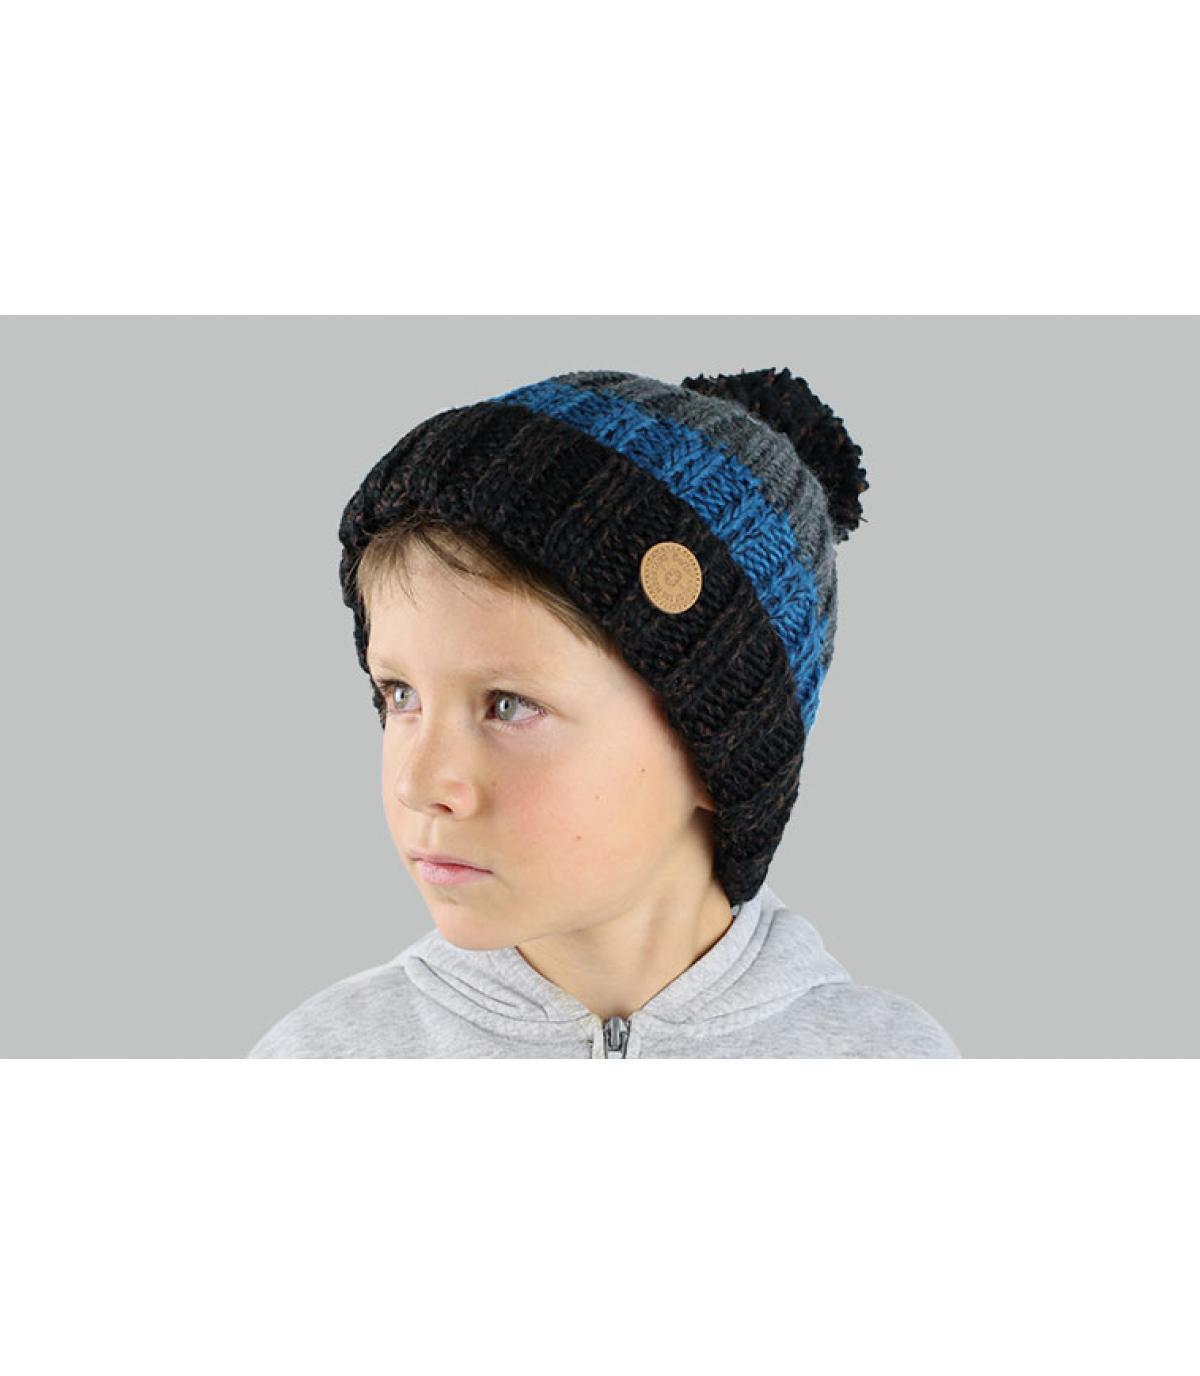 graffi bambino cappello bobble